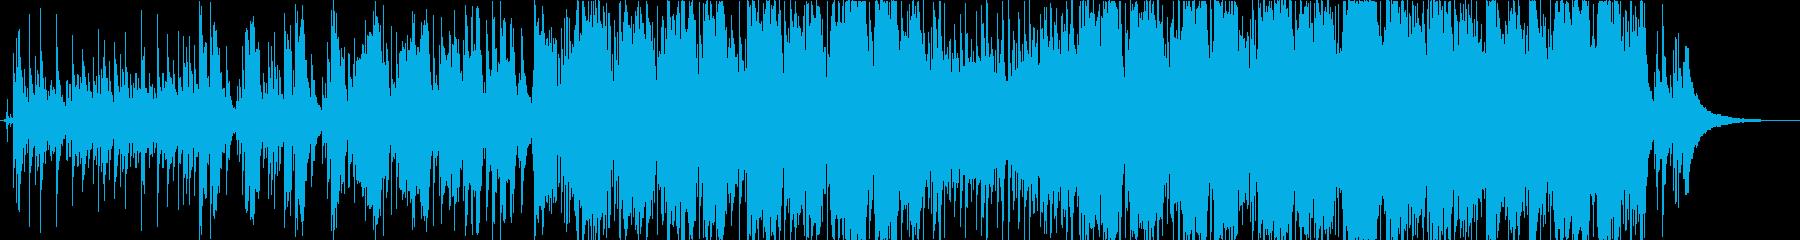 1000の言葉よりの再生済みの波形